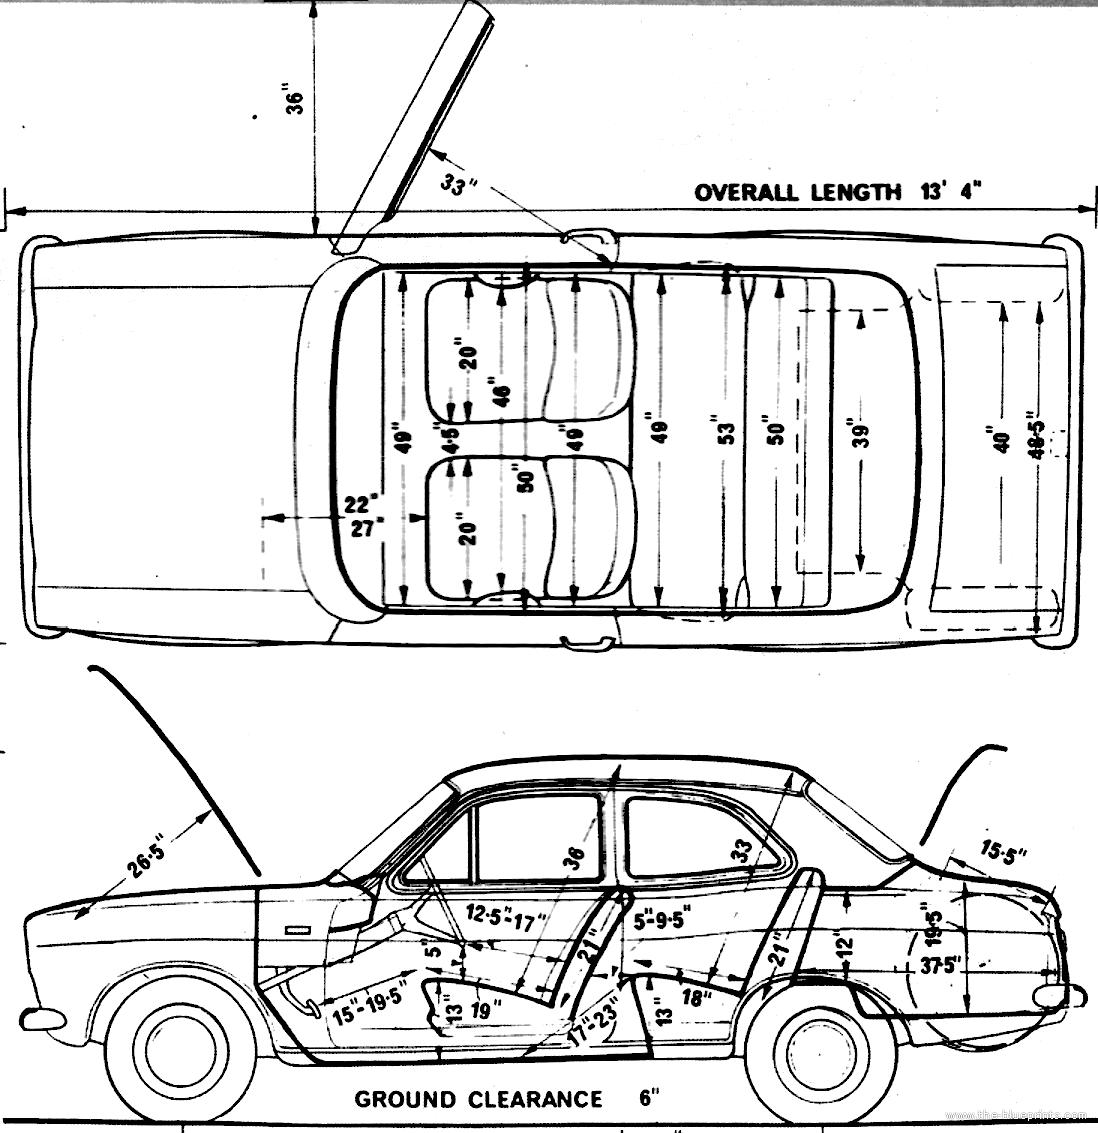 Blueprints > Cars > Ford > Ford Escort Mk.I 2-Door 1300